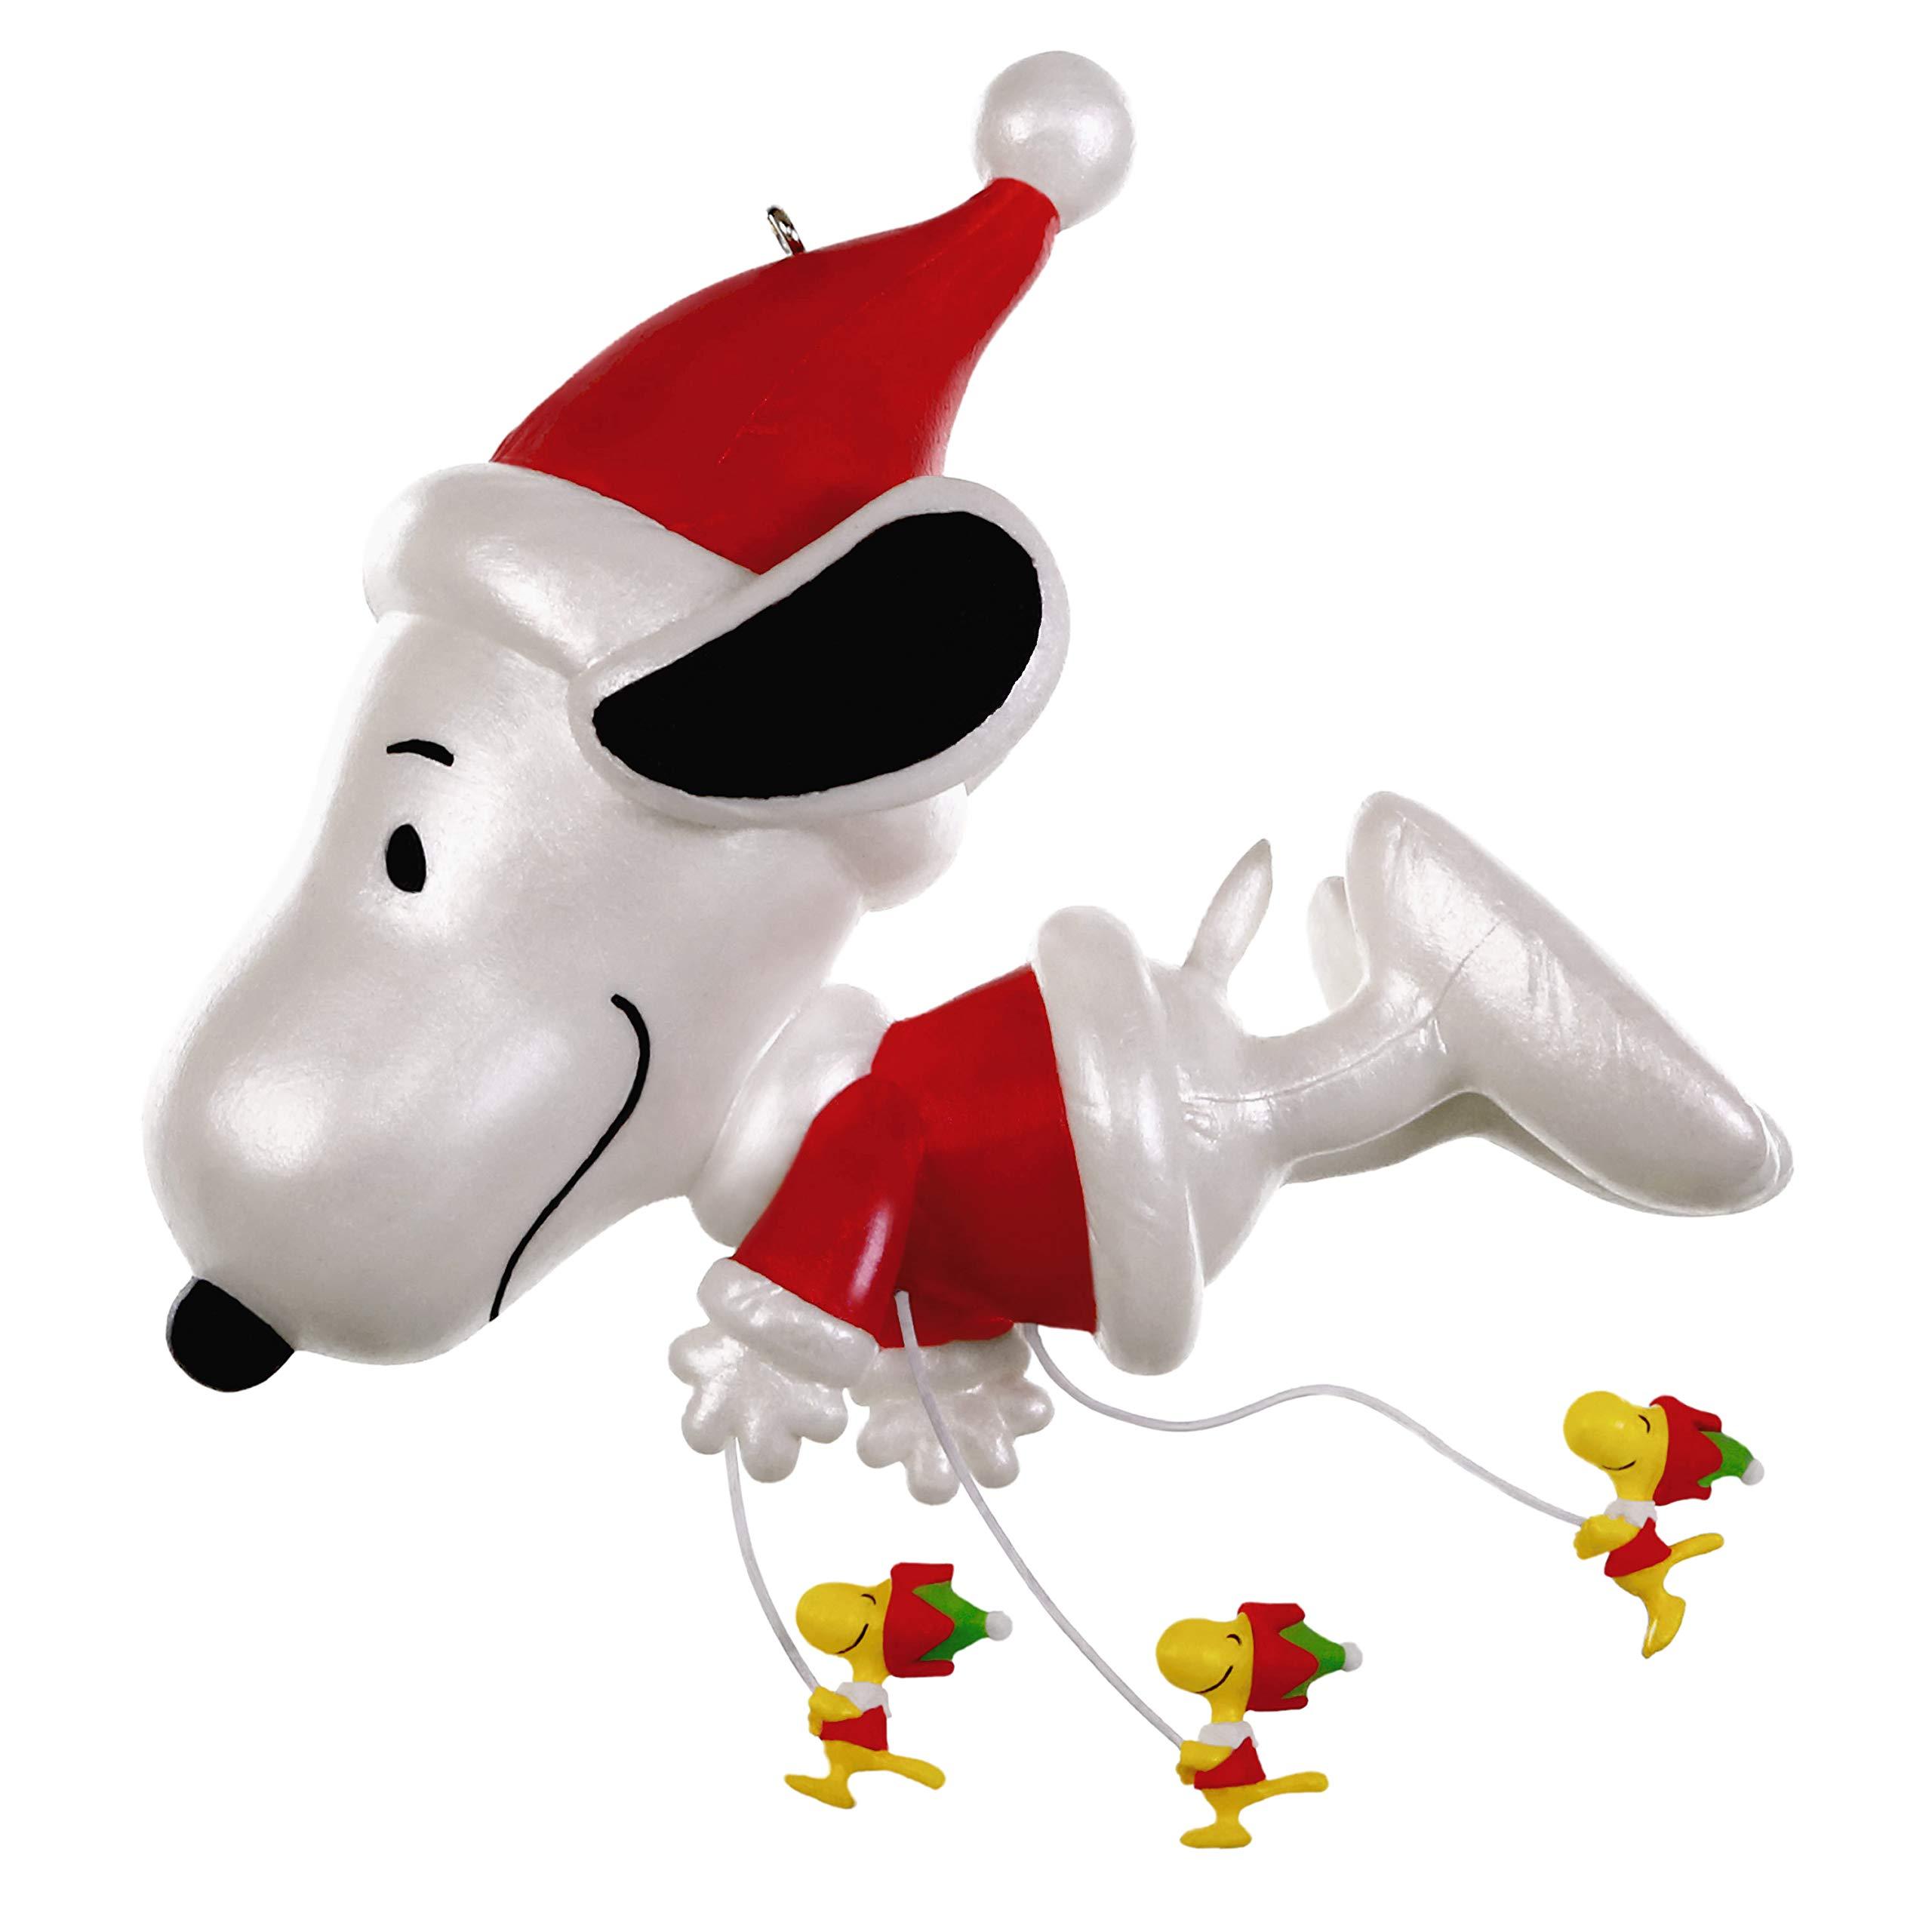 Image of A Fun Favorite: Hallmark Christmas Parade Balloon Snoopy Ornament